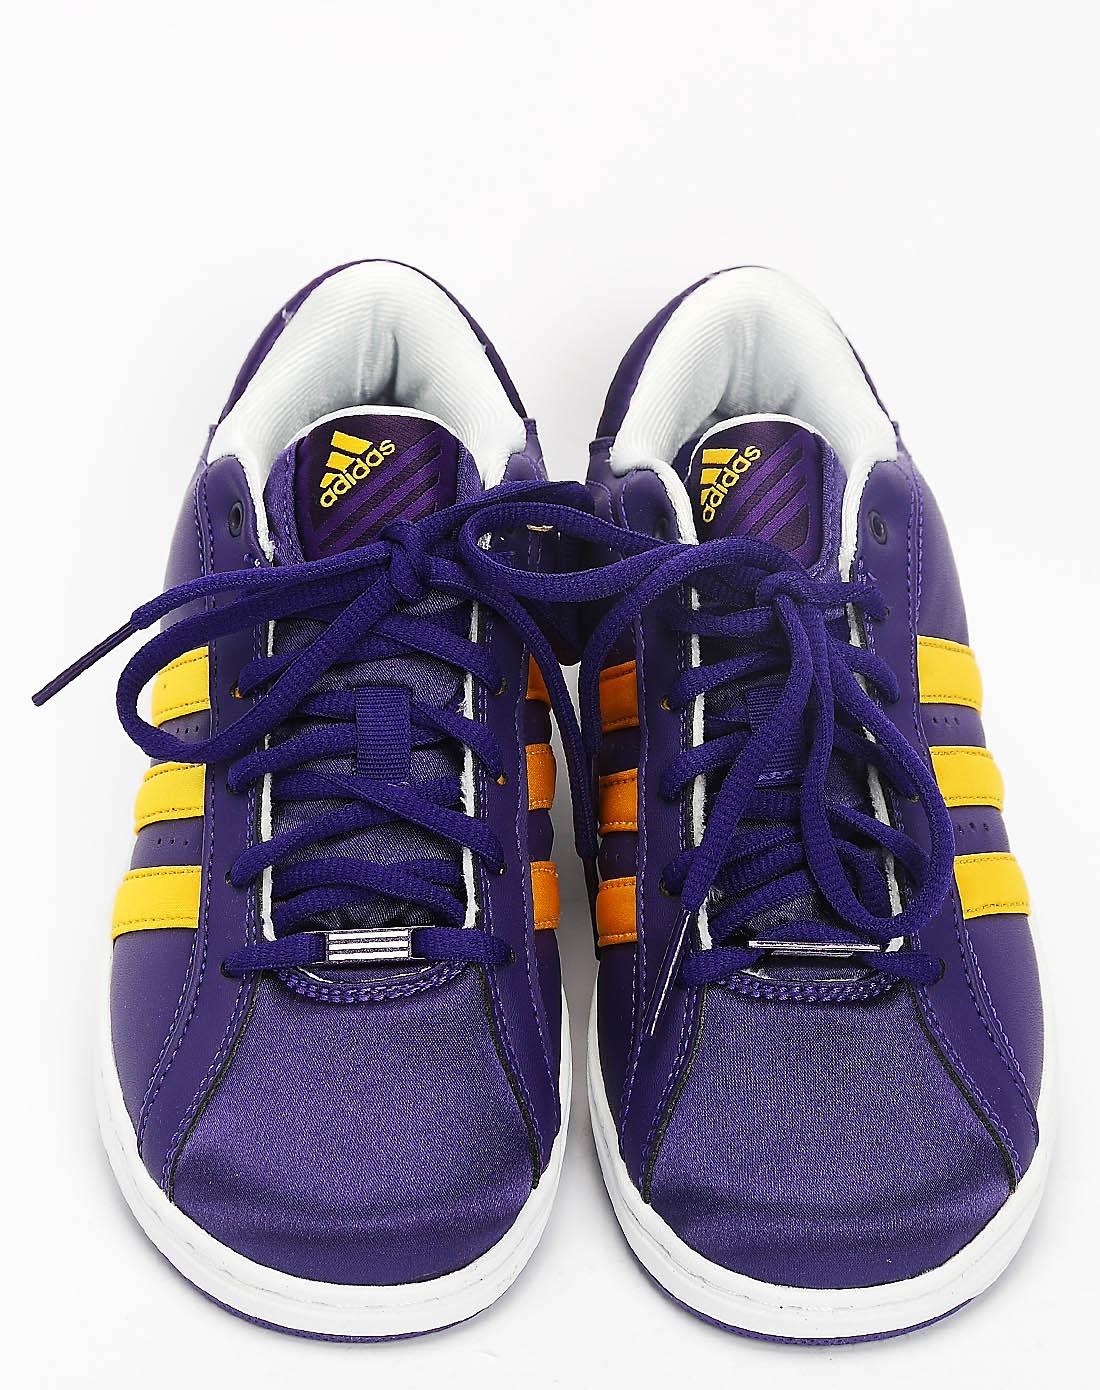 阿迪达斯adidas女子紫色篮球鞋g23648